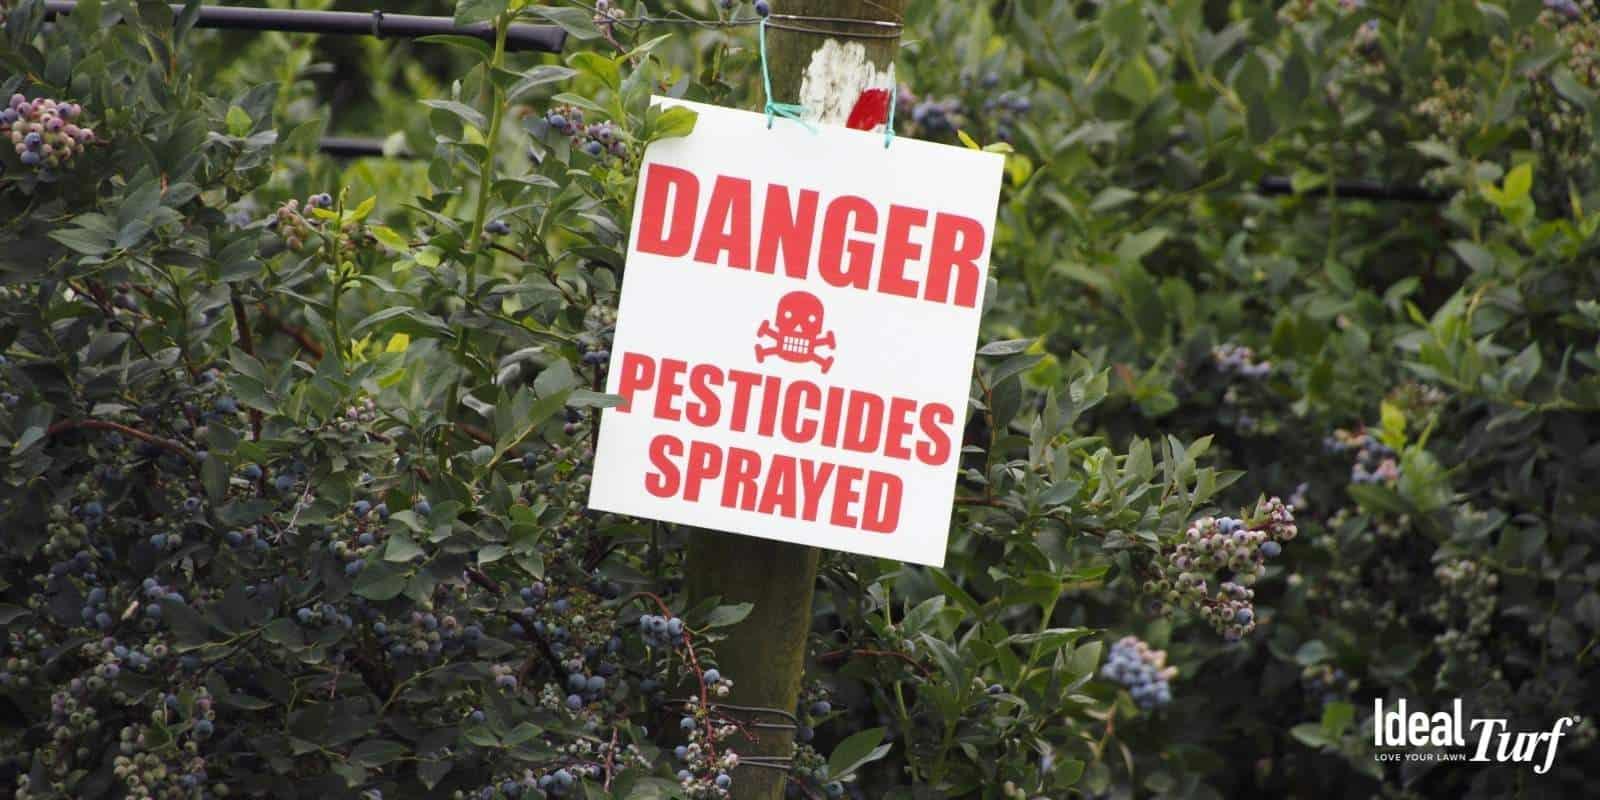 5. Eliminates Fertilizers & Pesticides